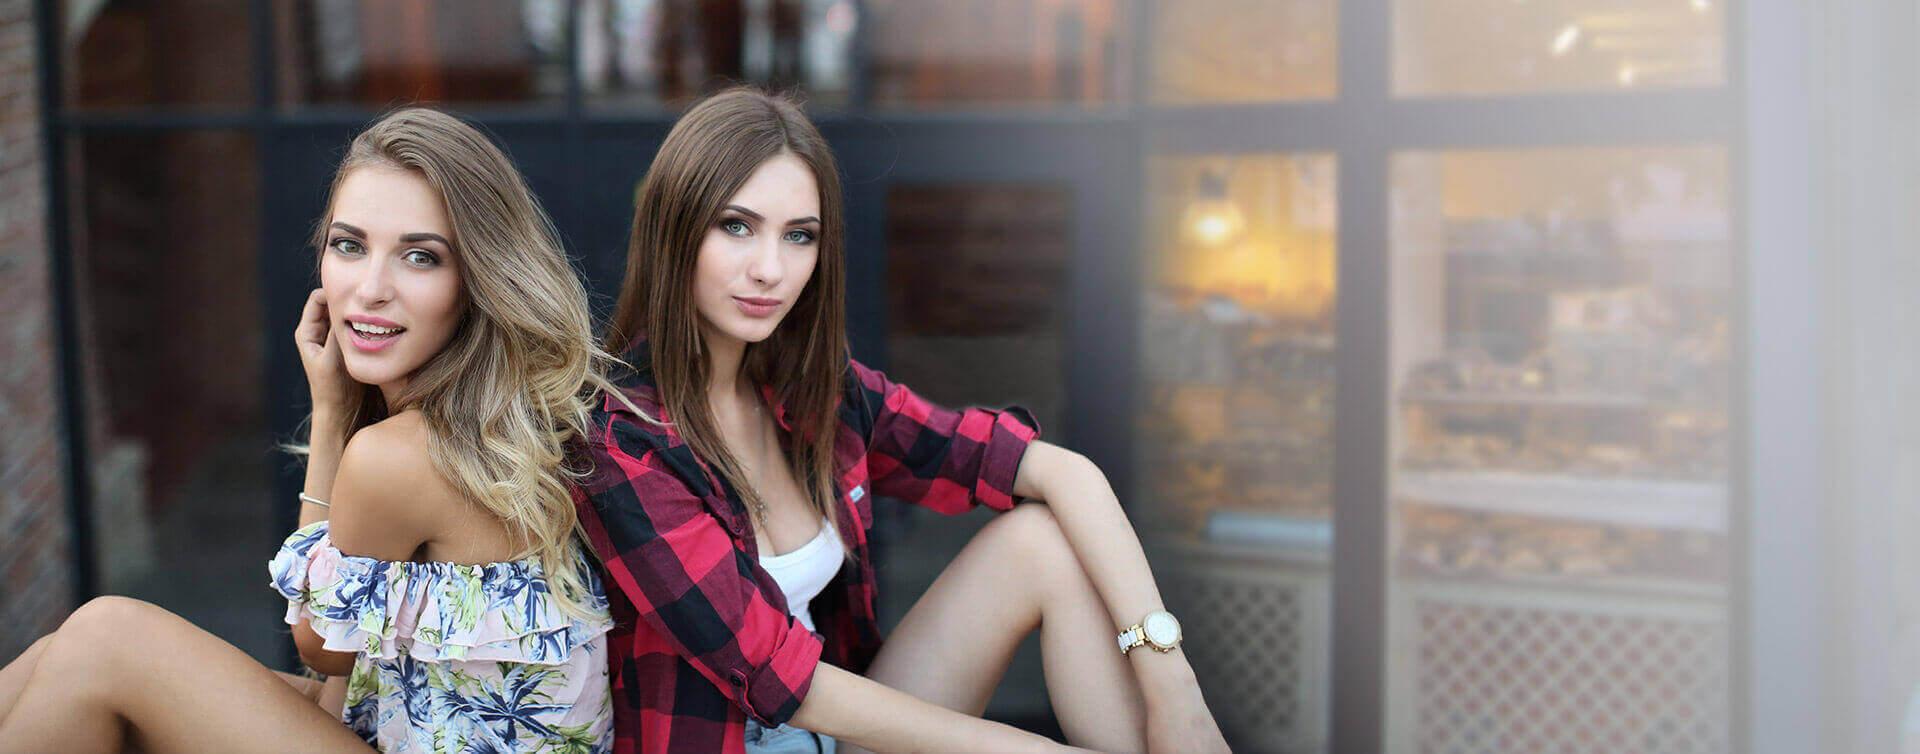 Girl meet girl dating site